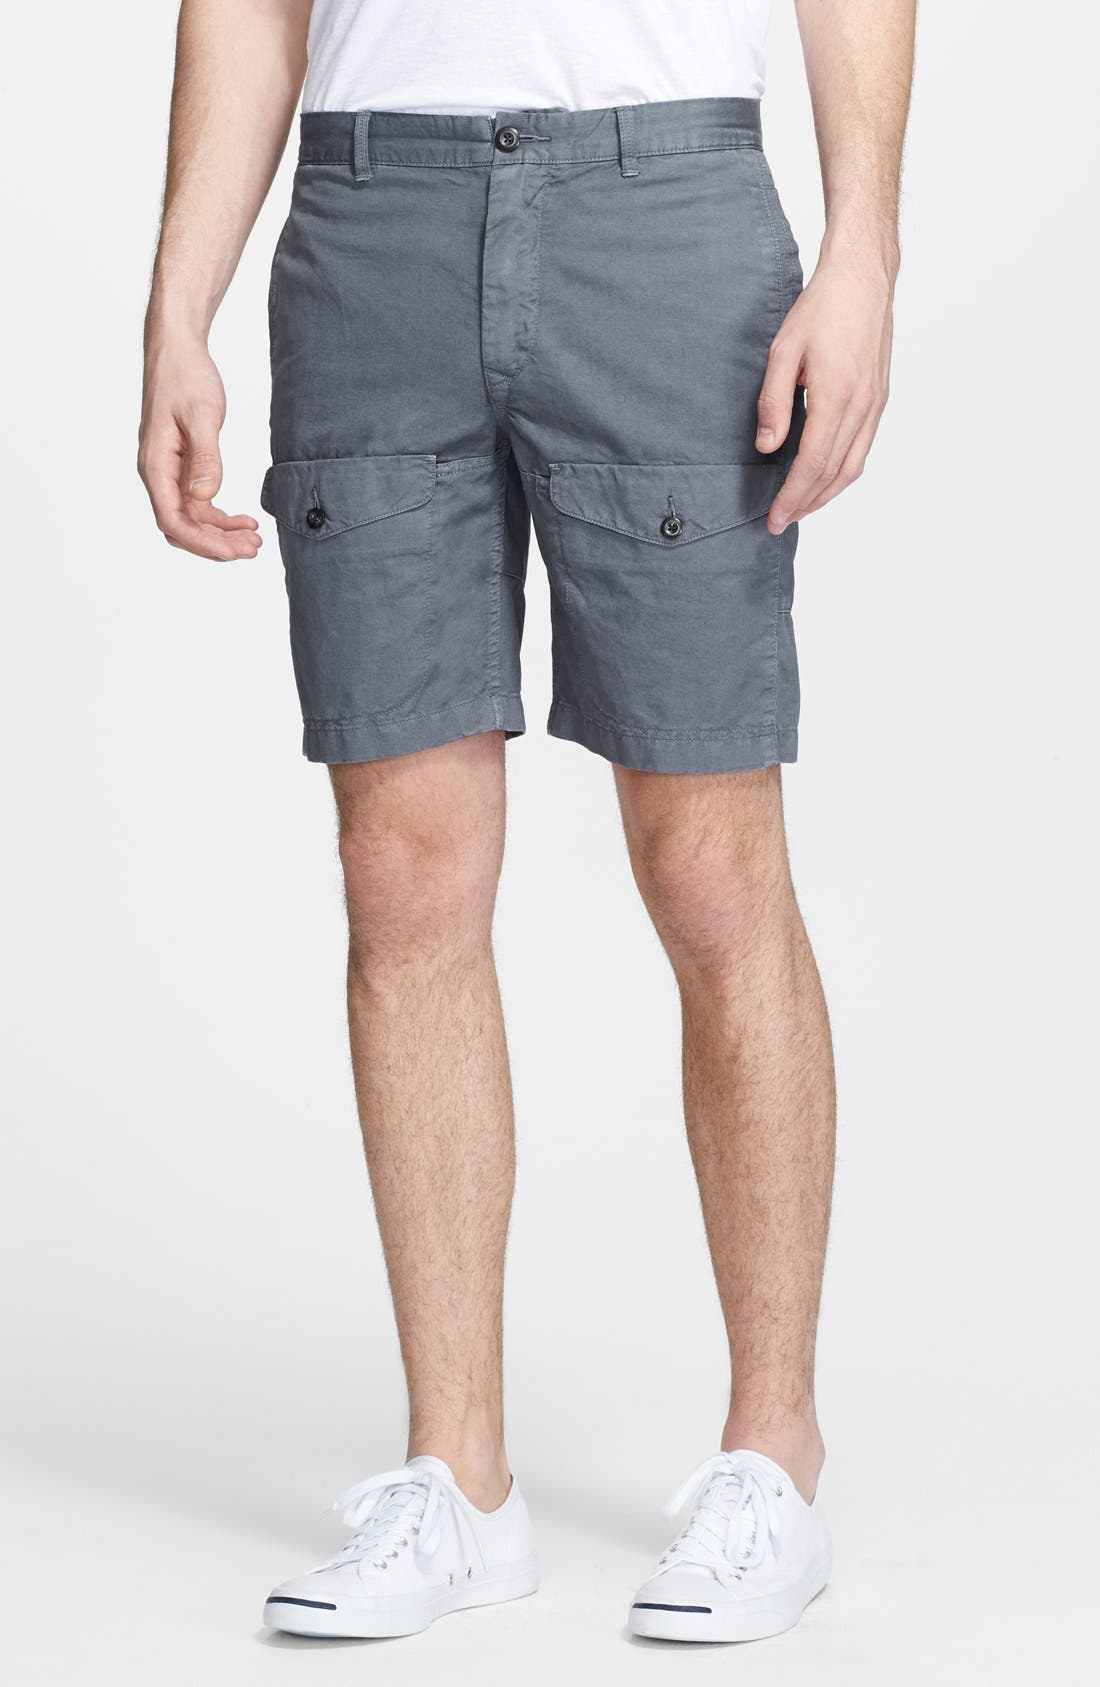 Alternate Image 1 Selected - Jack Spade 'Trenton' Utility Shorts